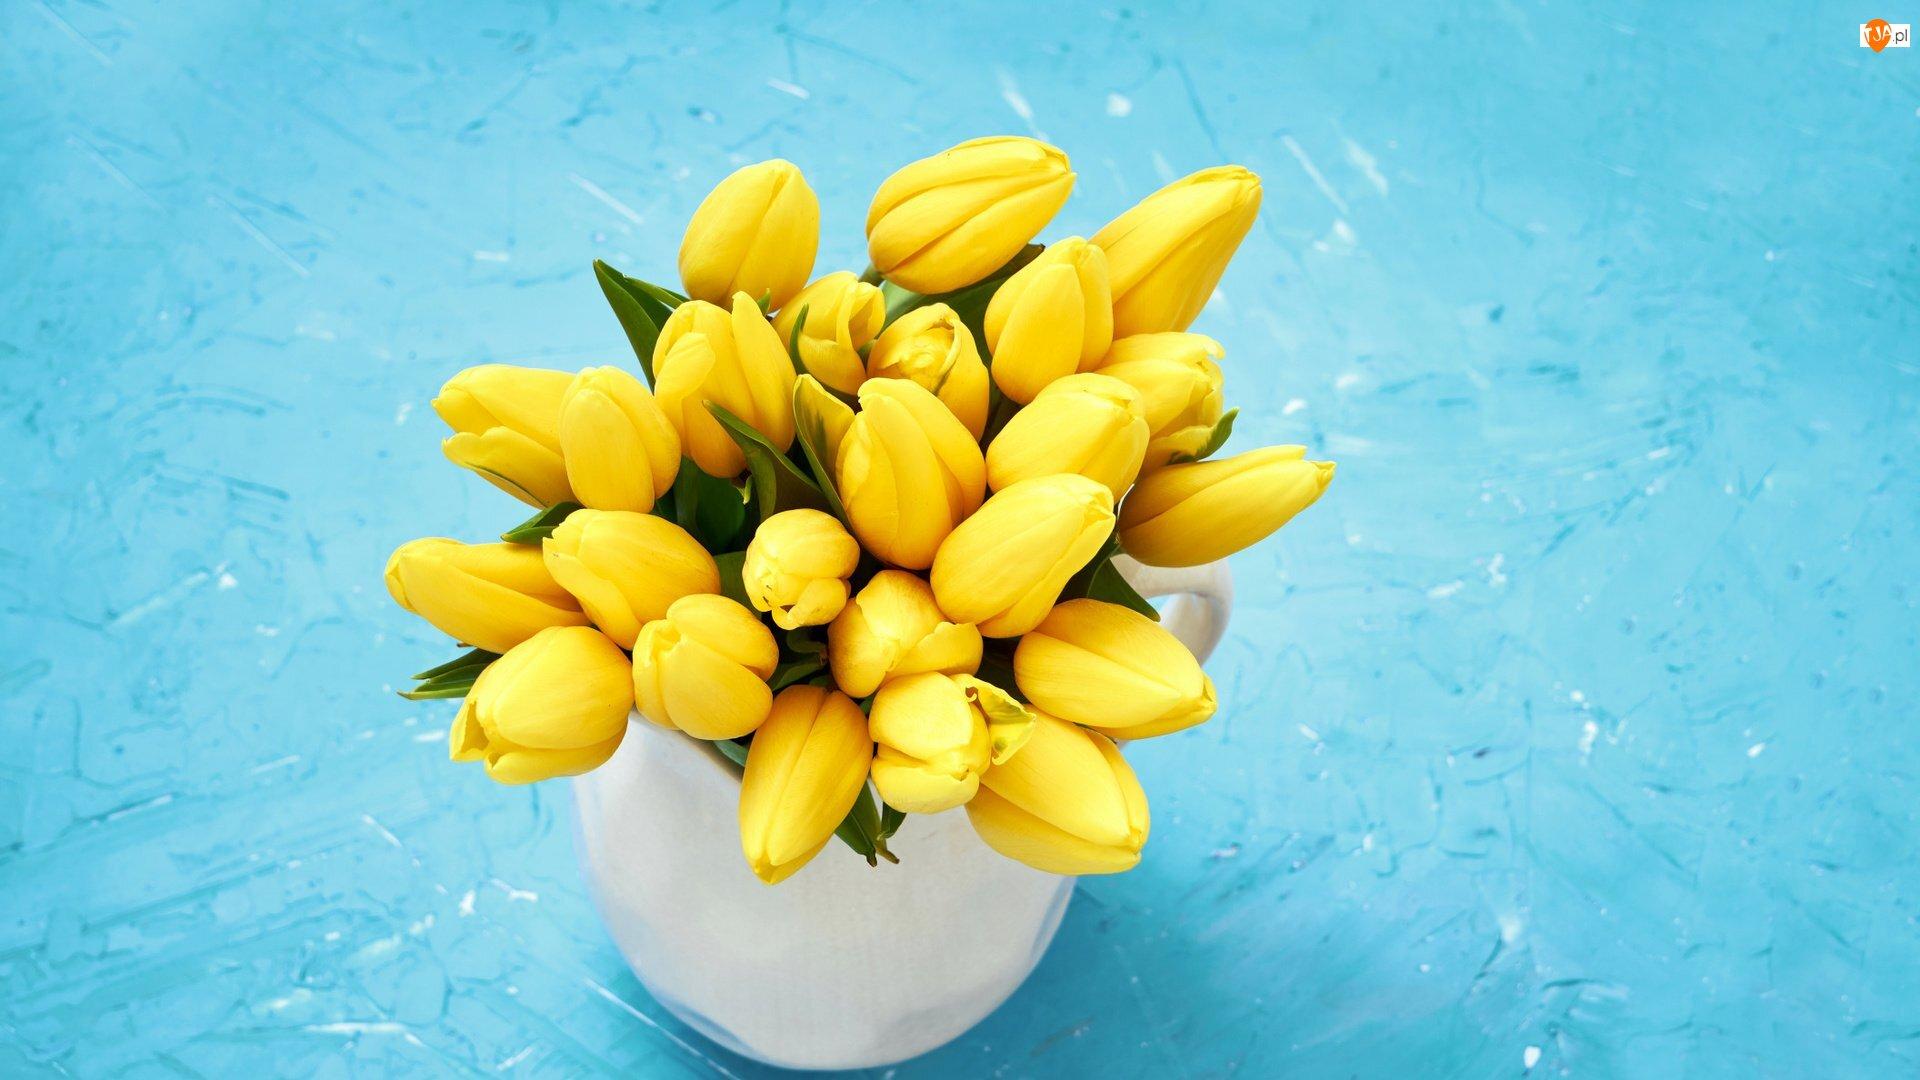 Kwiaty, Kubek, Żółte, Bukiet, Tulipany